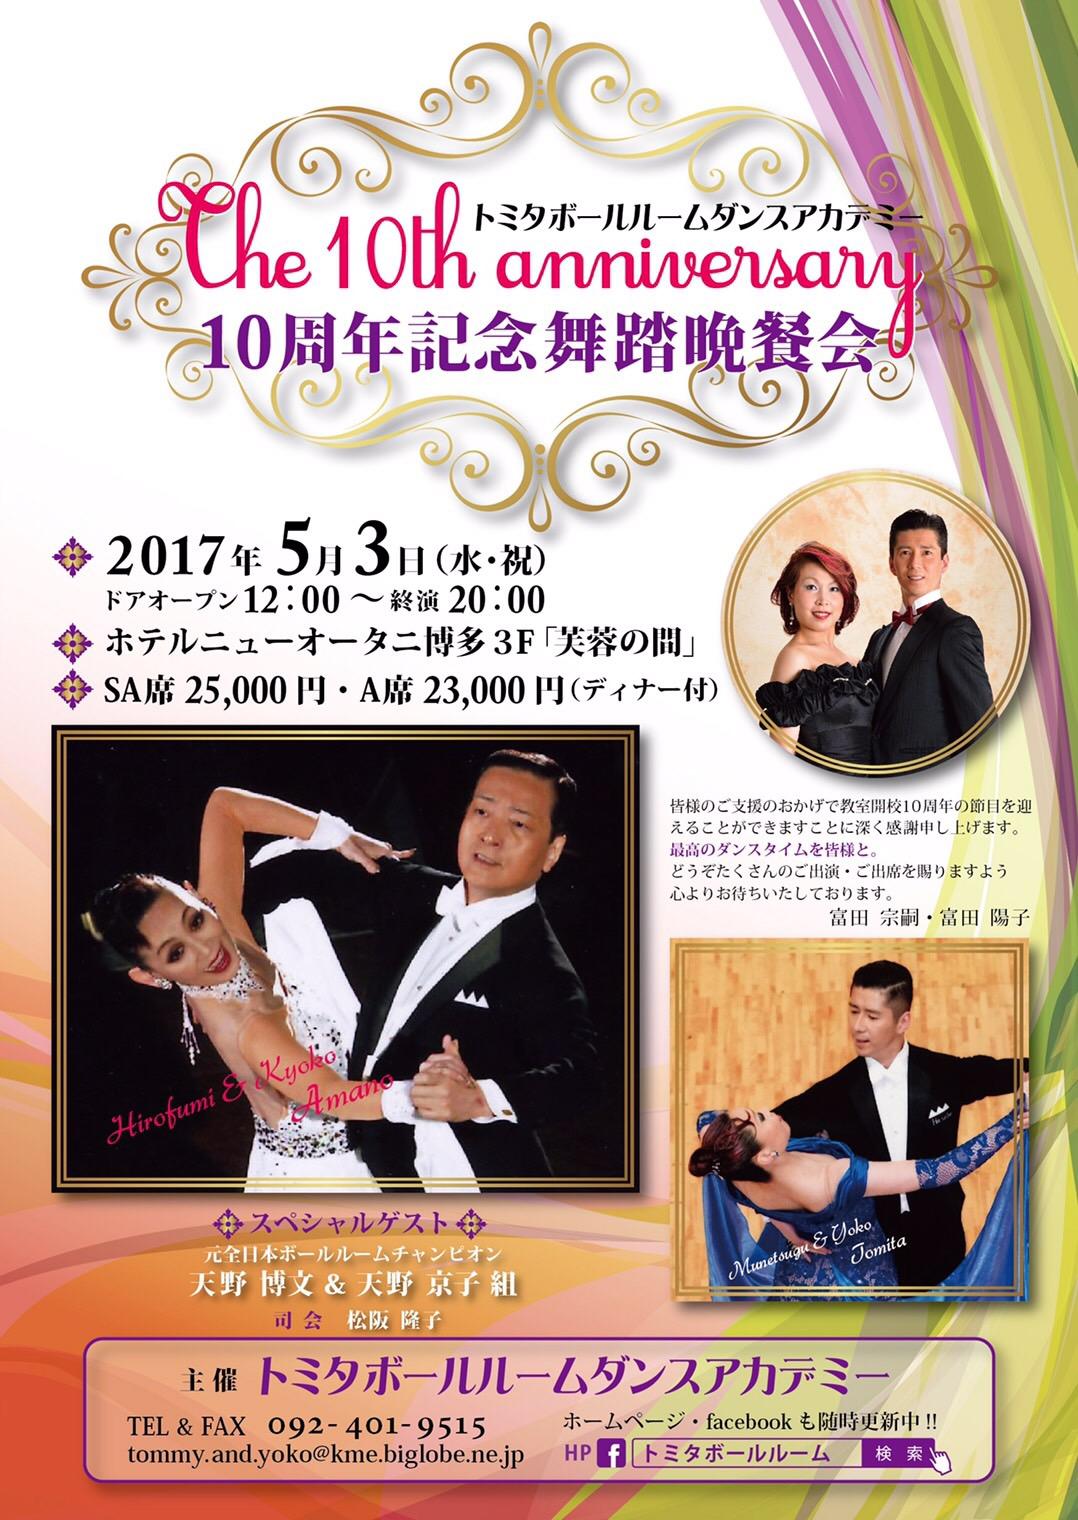 2017年5月3日「10周年記念舞踏晩餐会」